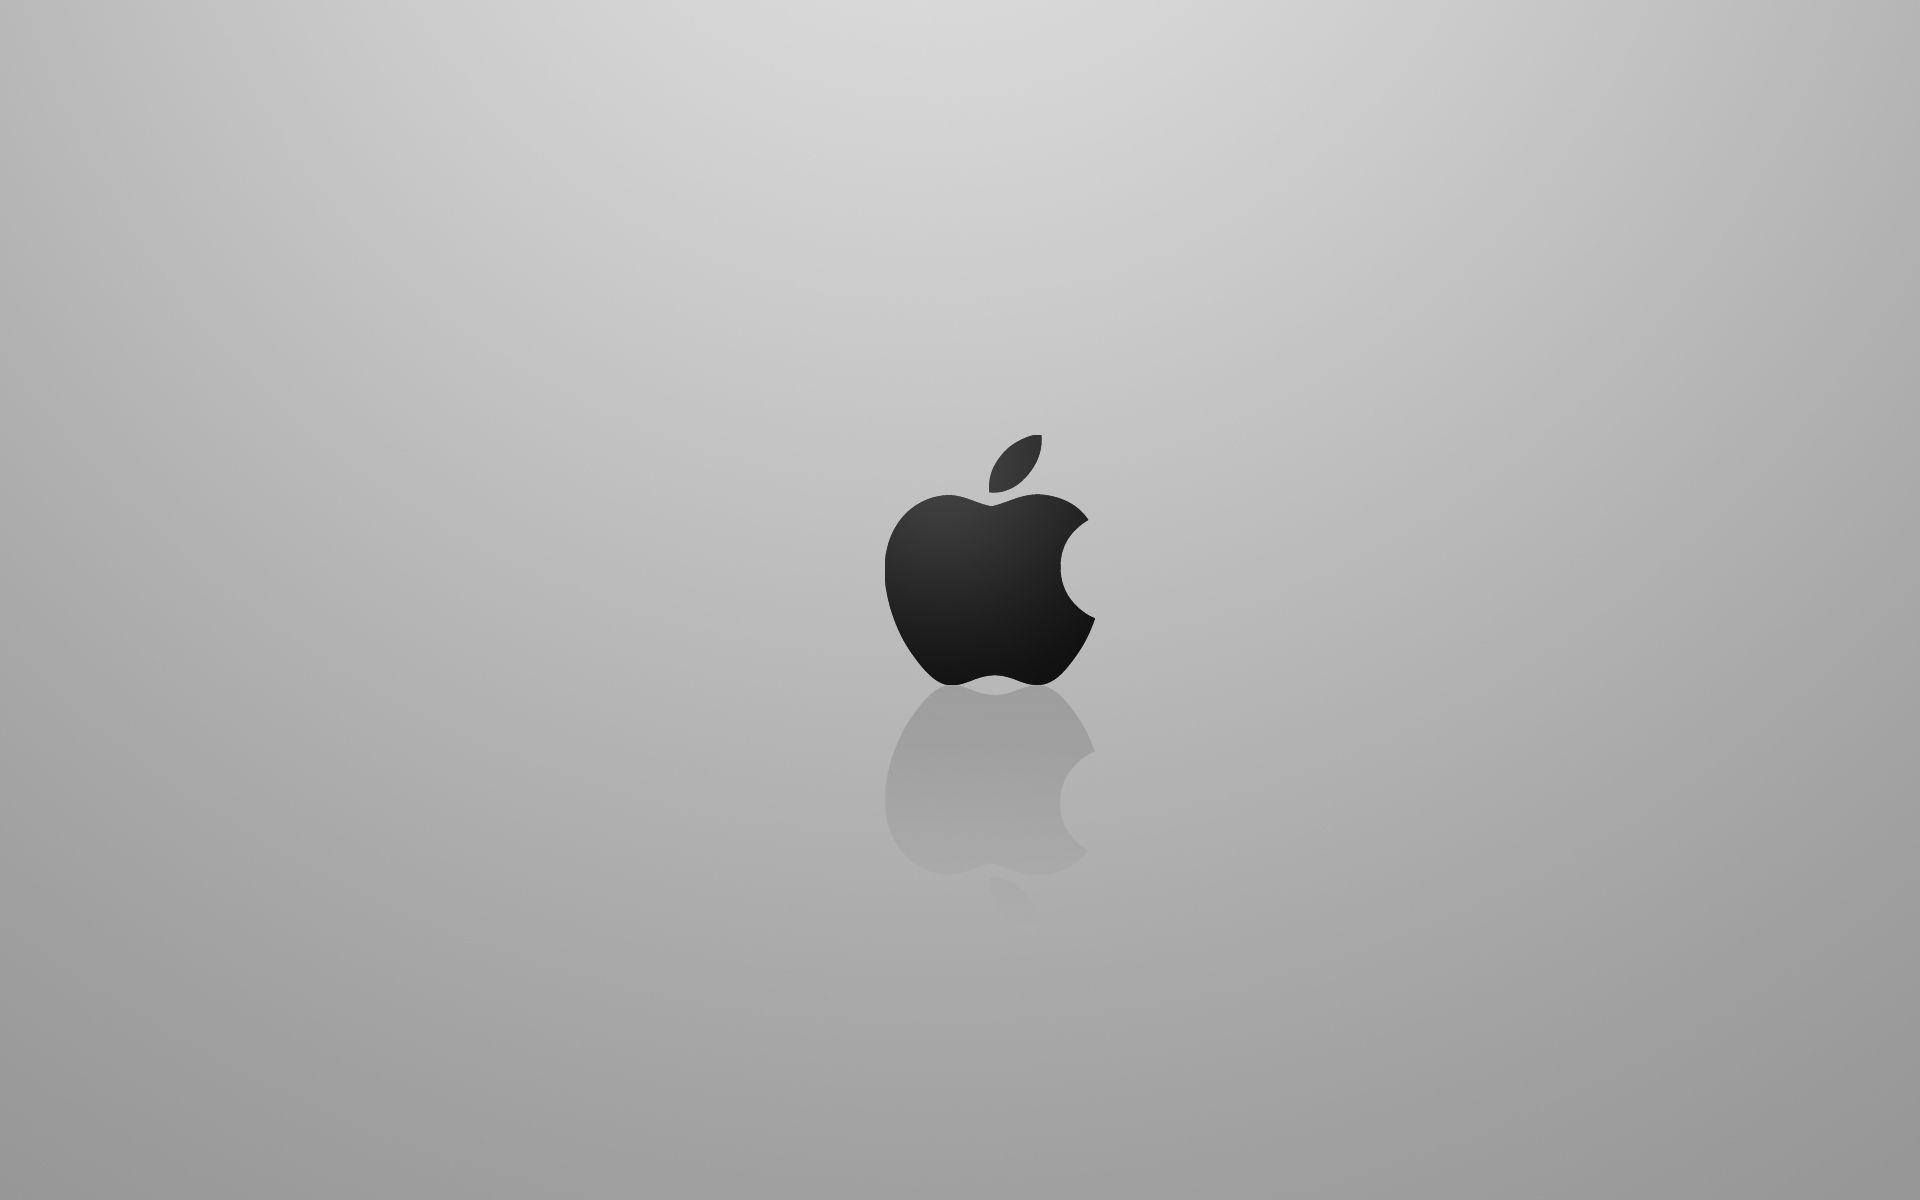 Download 1070+ Background Hd Macbook Gratis Terbaik